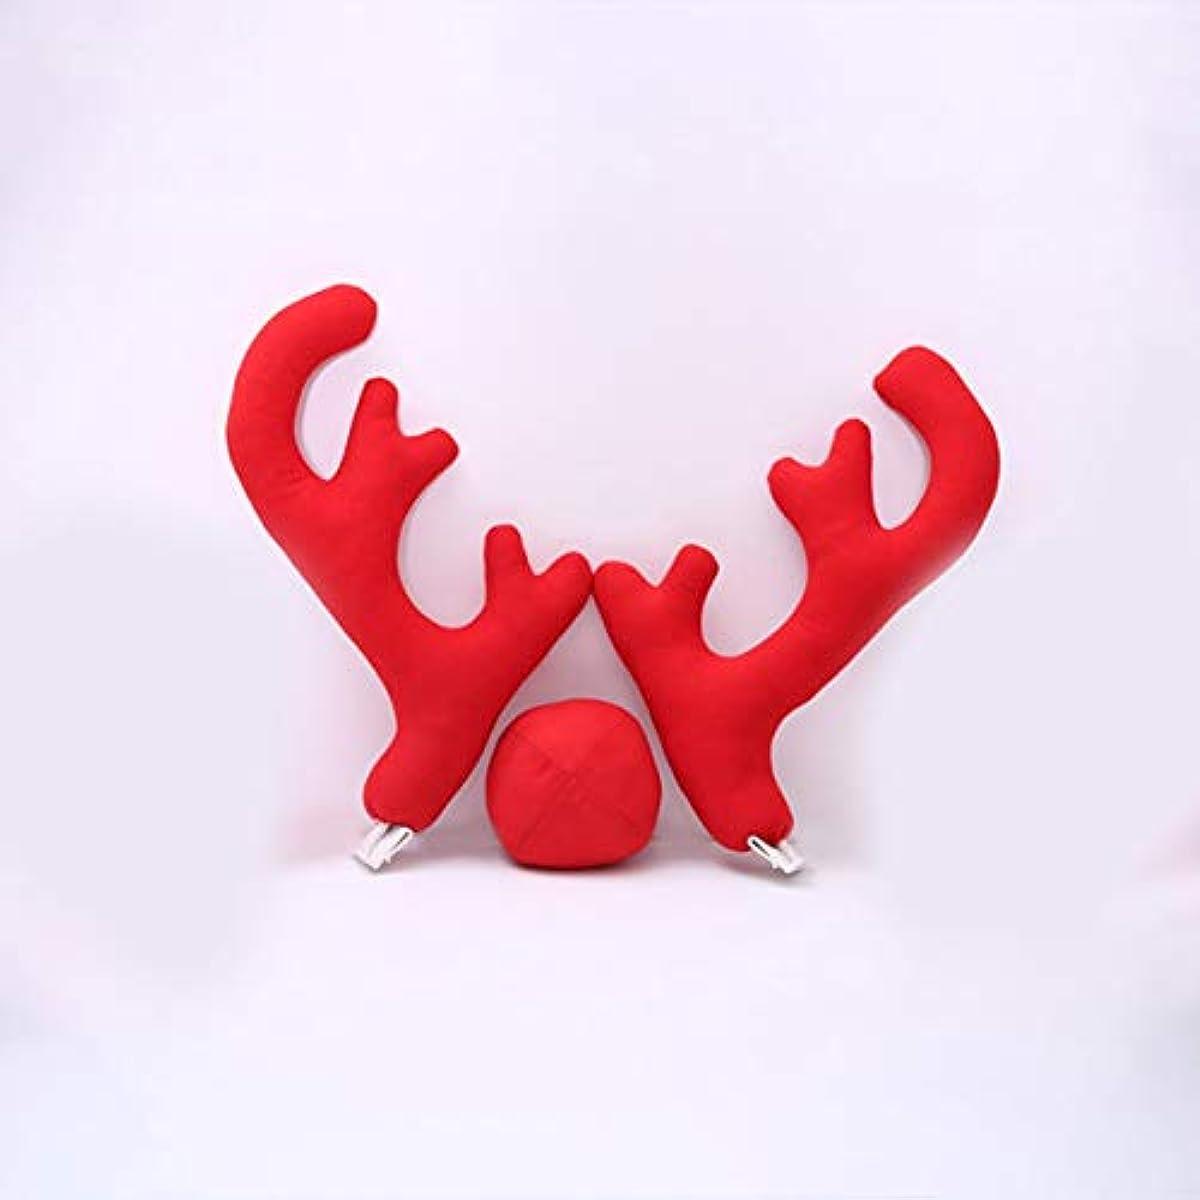 パイ懸念海外Saikogoods 2アントラーズ1枚のトナカイ鼻2 Mirrowカバーで新しいデザインクリエイティブクリスマスオートカーコスチュームの装飾フルセット 赤